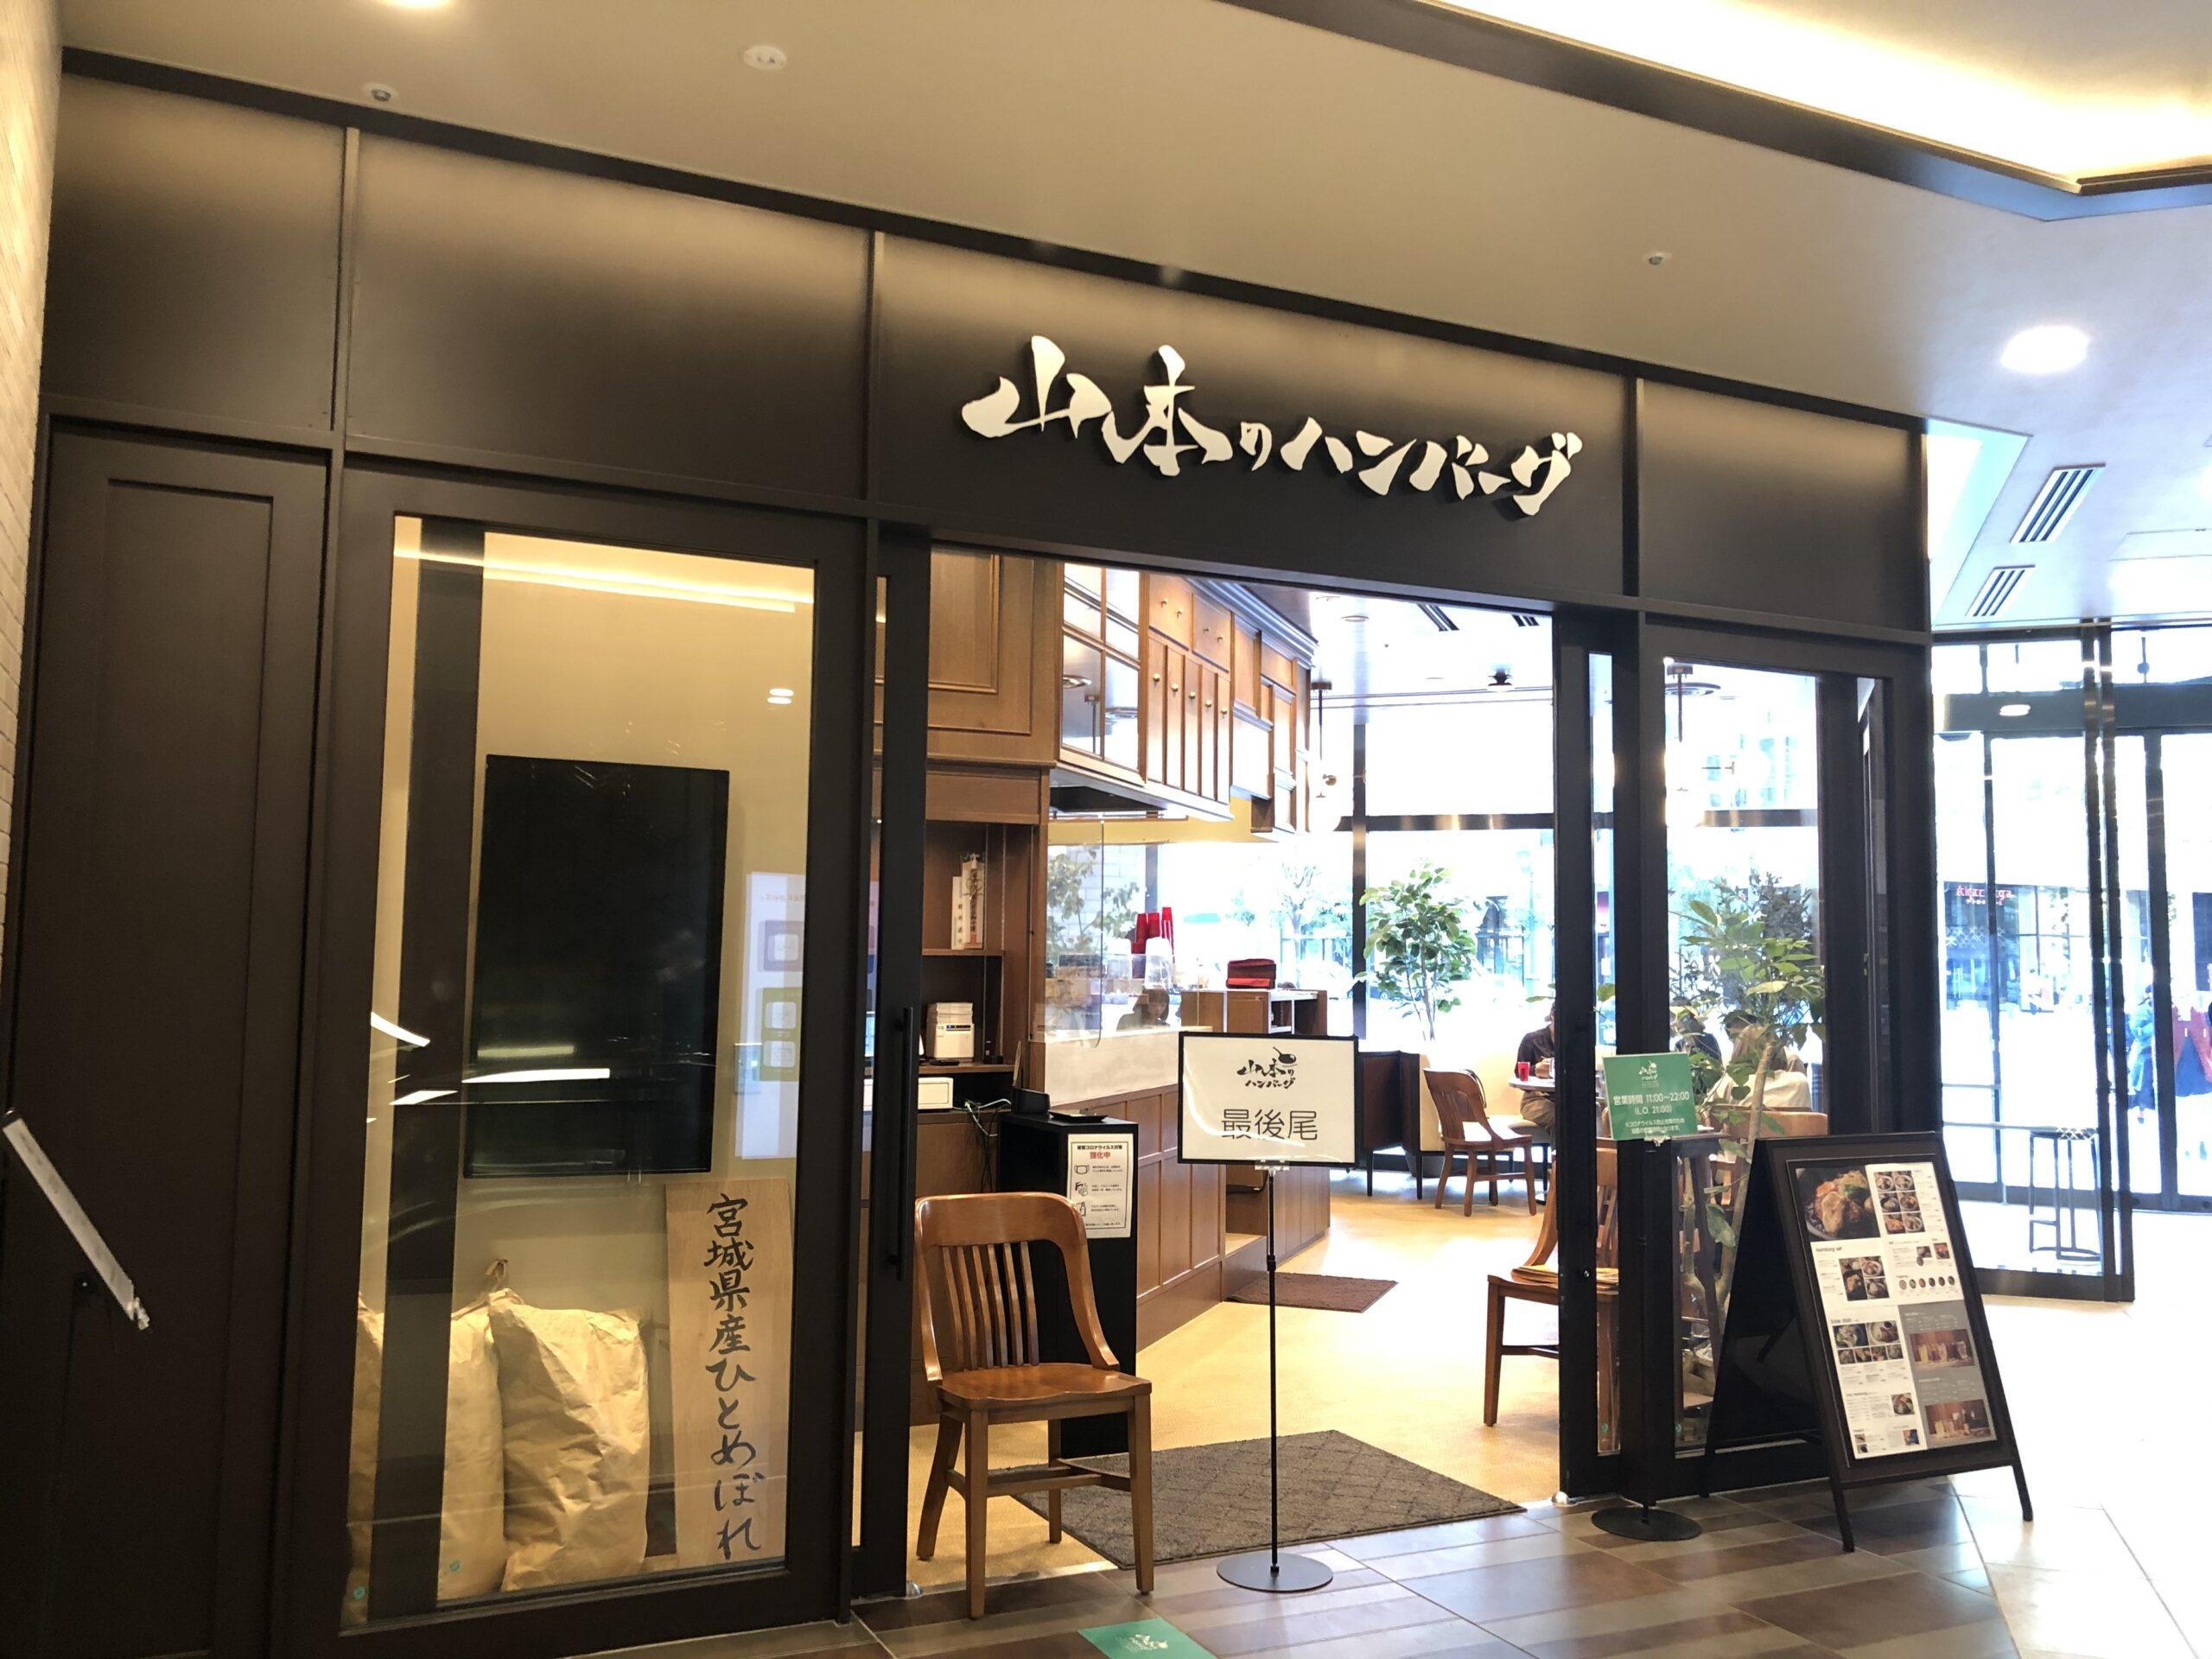 【山本のハンバーグ】営業時間短縮と酒類提供停止のお知らせ